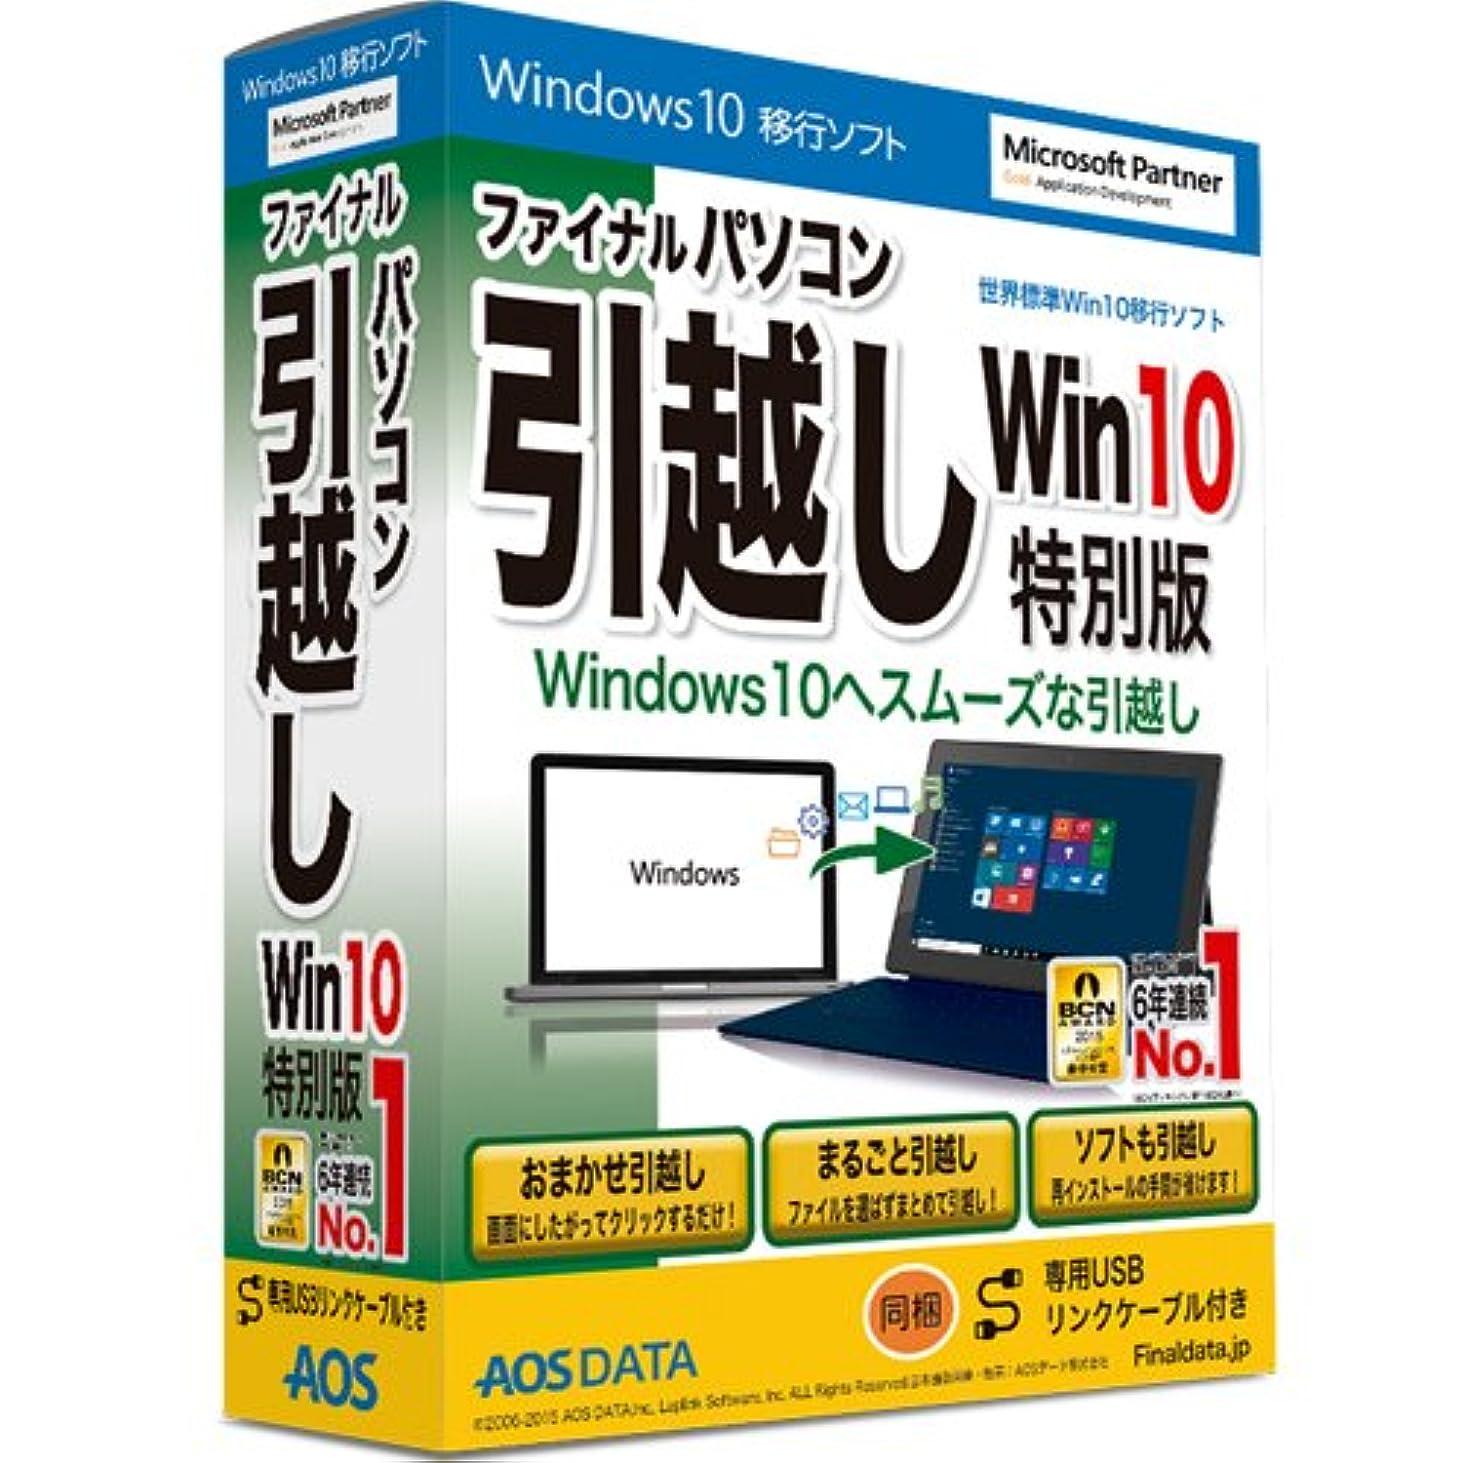 本質的に寄付するトンファイナルパソコン引越し Win10特別 USBリンクケーブル付【OSの移行やパソコンの乗り換えに、簡単な手順でデータ移行できるソフト】